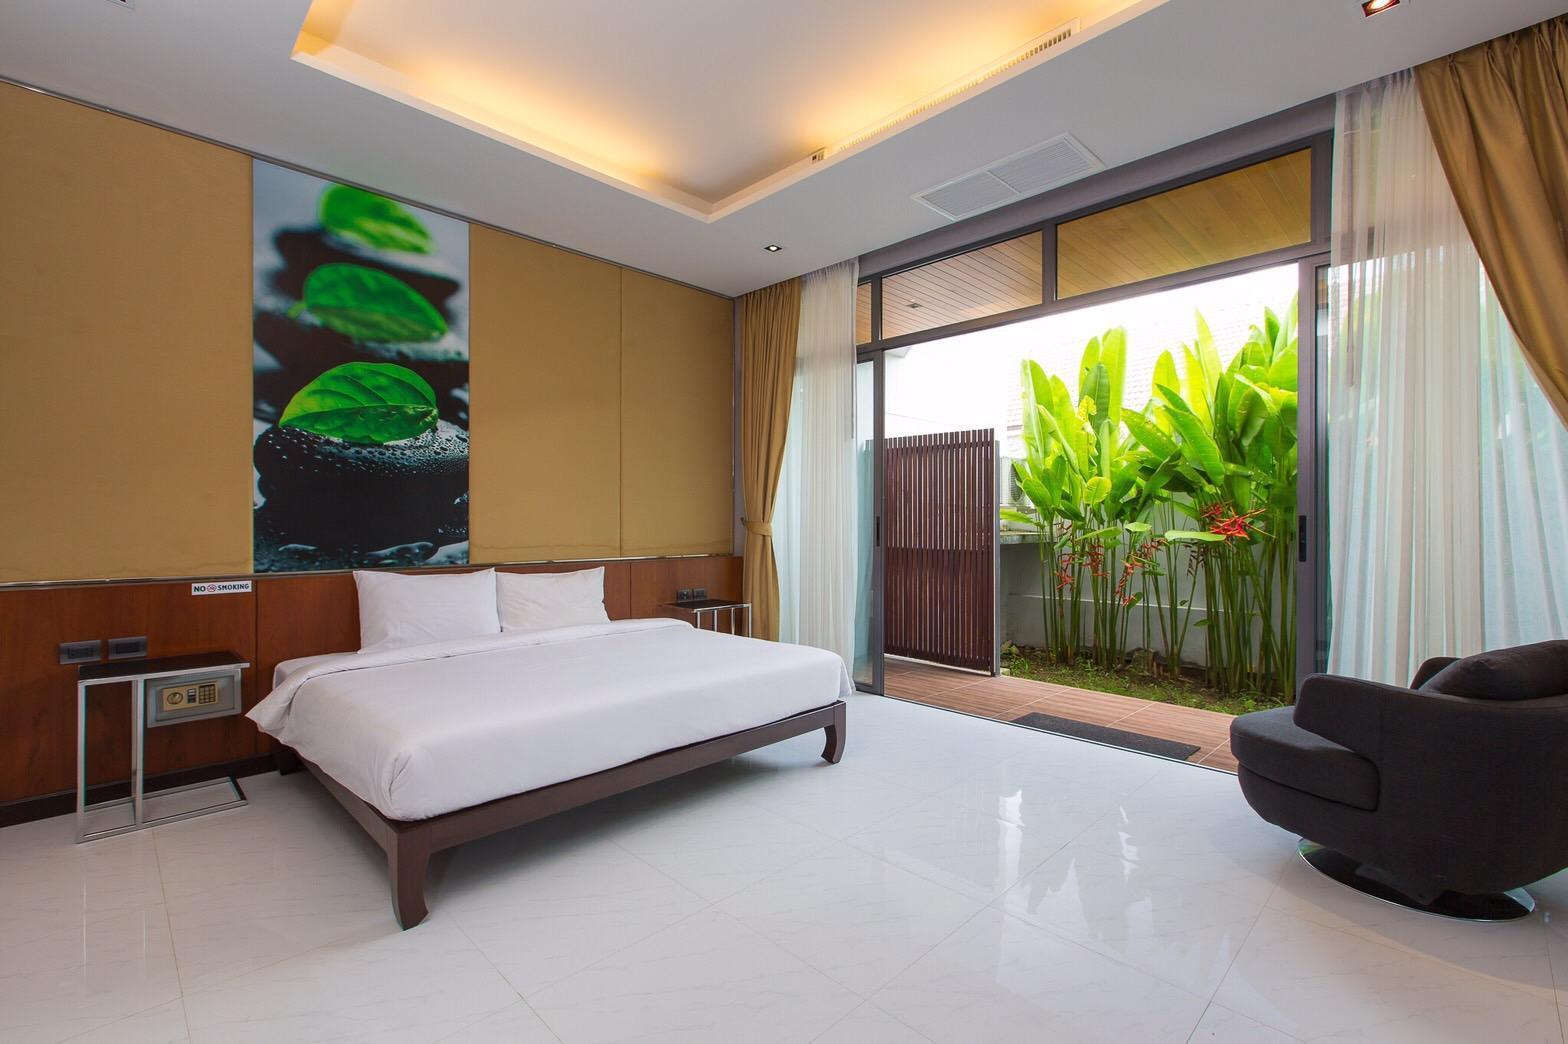 3 Bedrooms AQUA A1 Pool House 3 Bedrooms AQUA A1 Pool House